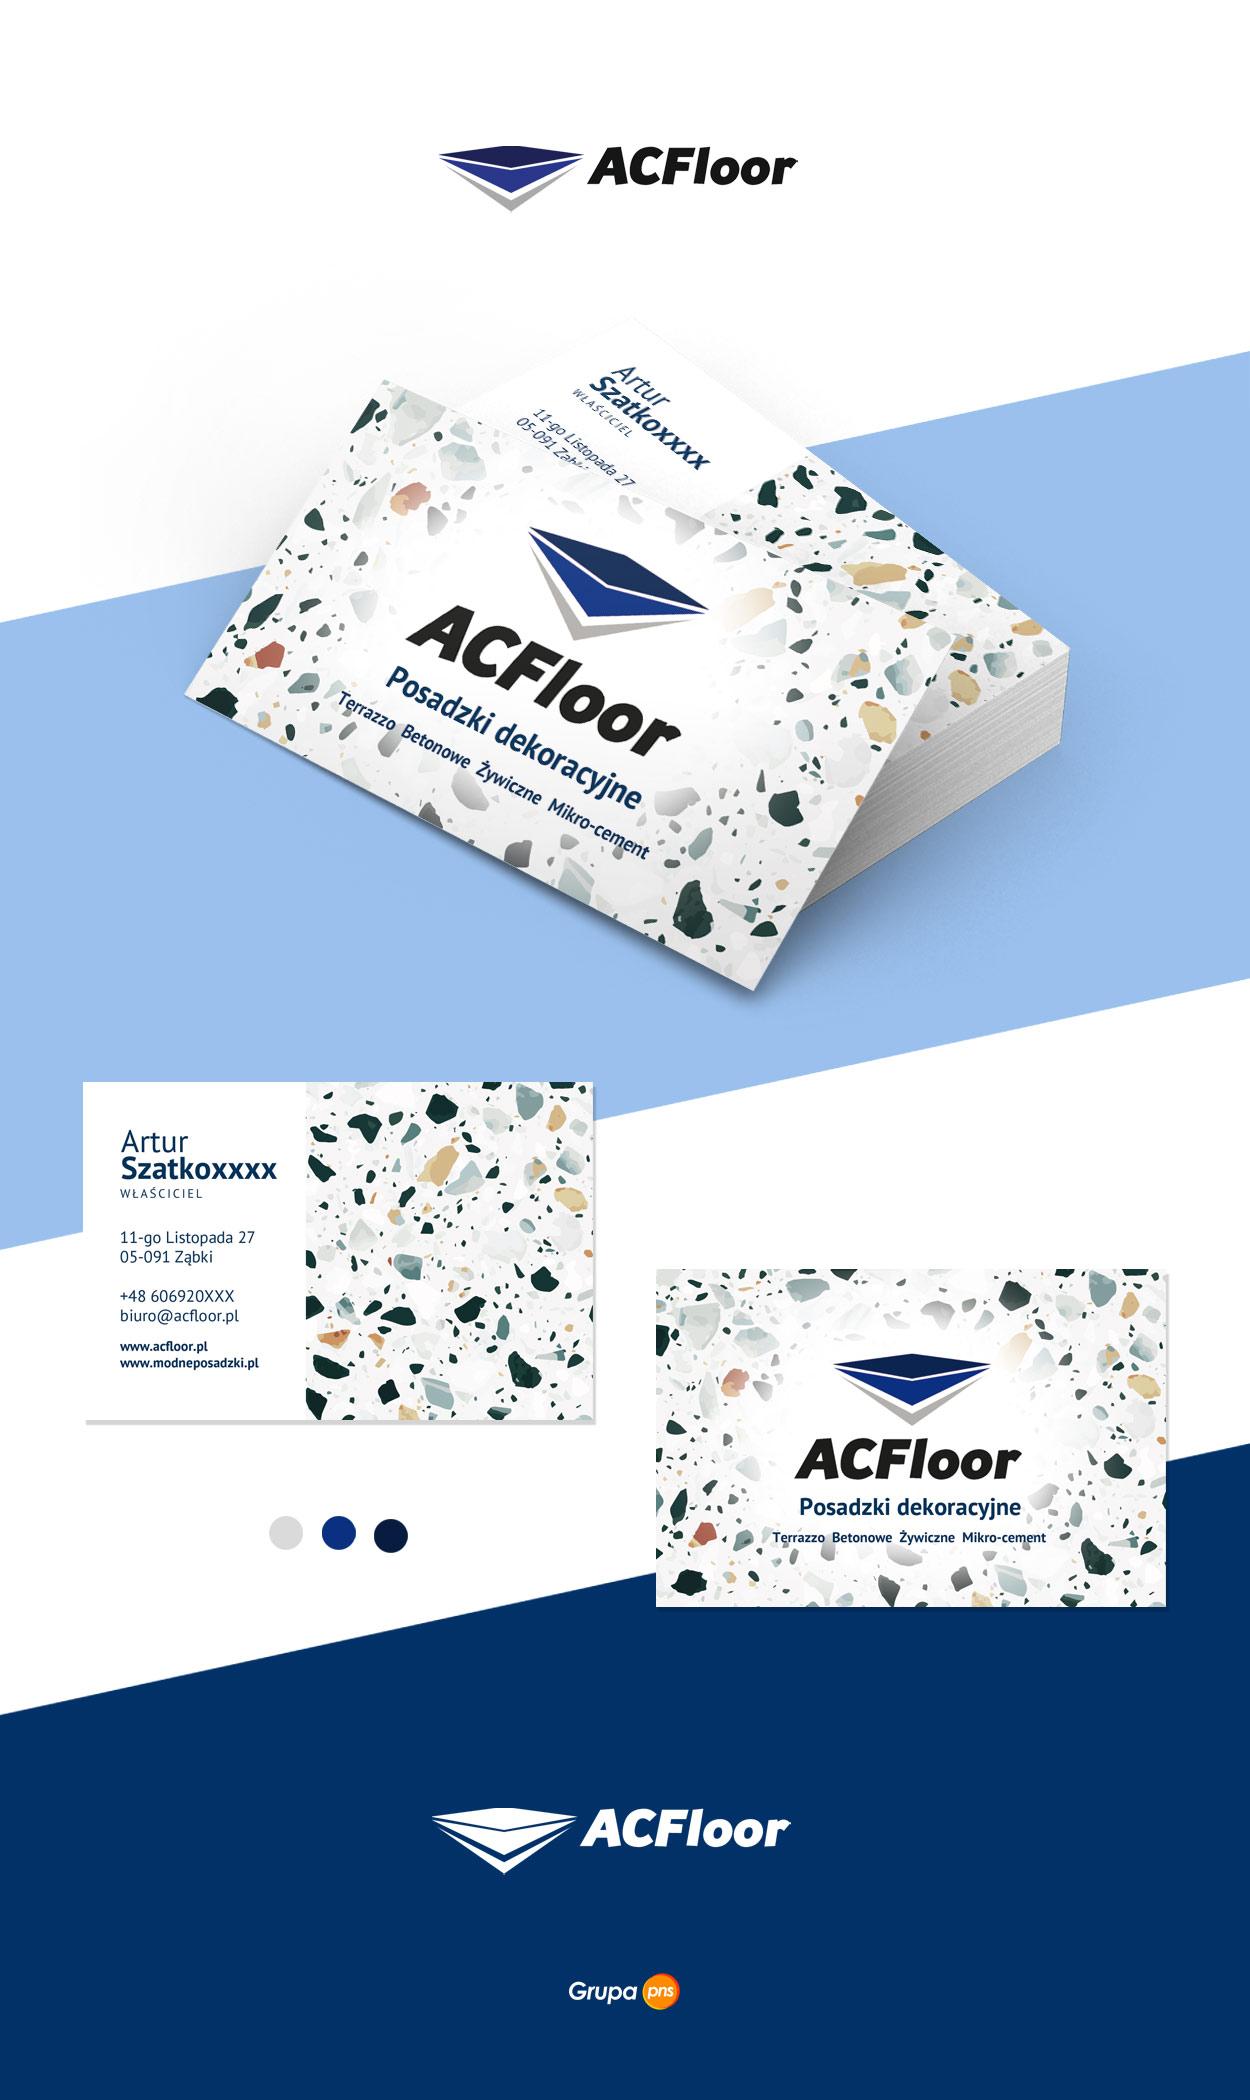 wizytowka-dla-firmy-acfloor